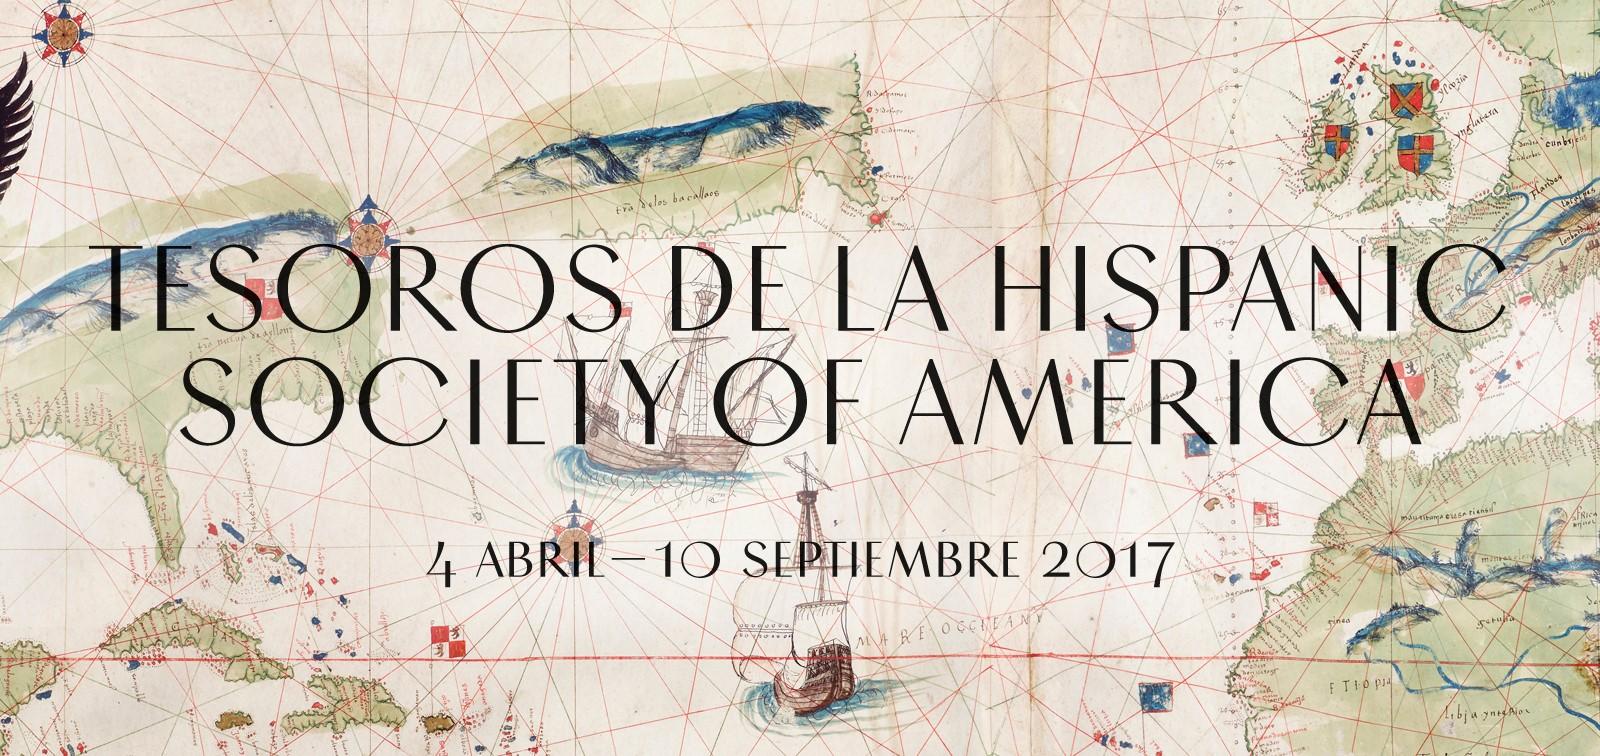 Exposición. Tesoros de la Hispanic Society of America. Visiones del mundo hispánico